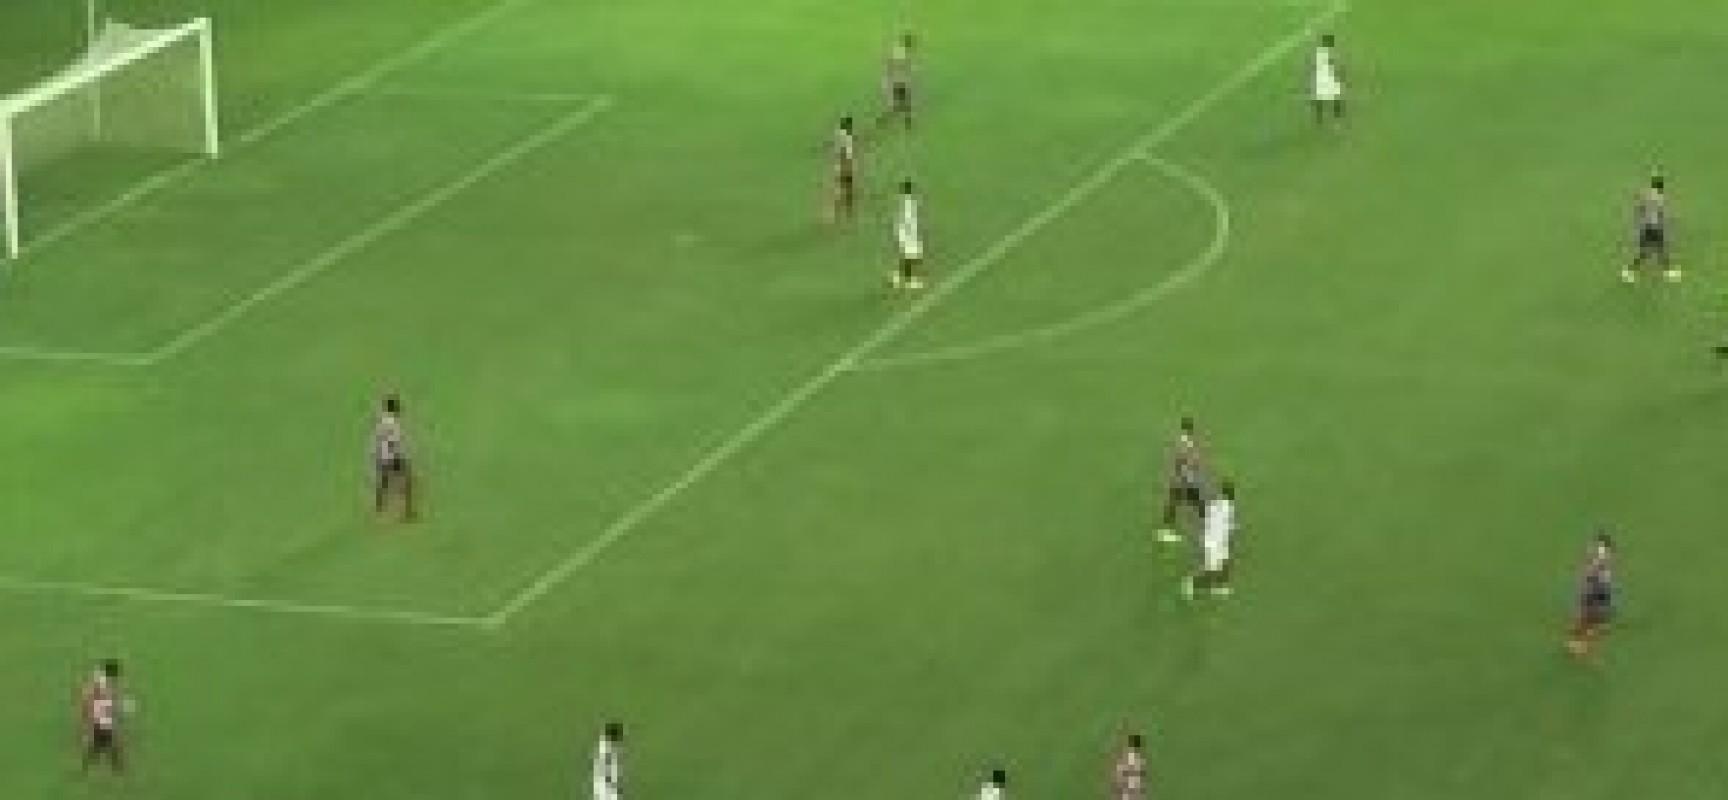 Copa do Brasil sub-20: Bahia cede empate ao Flamengo e deixa a competição